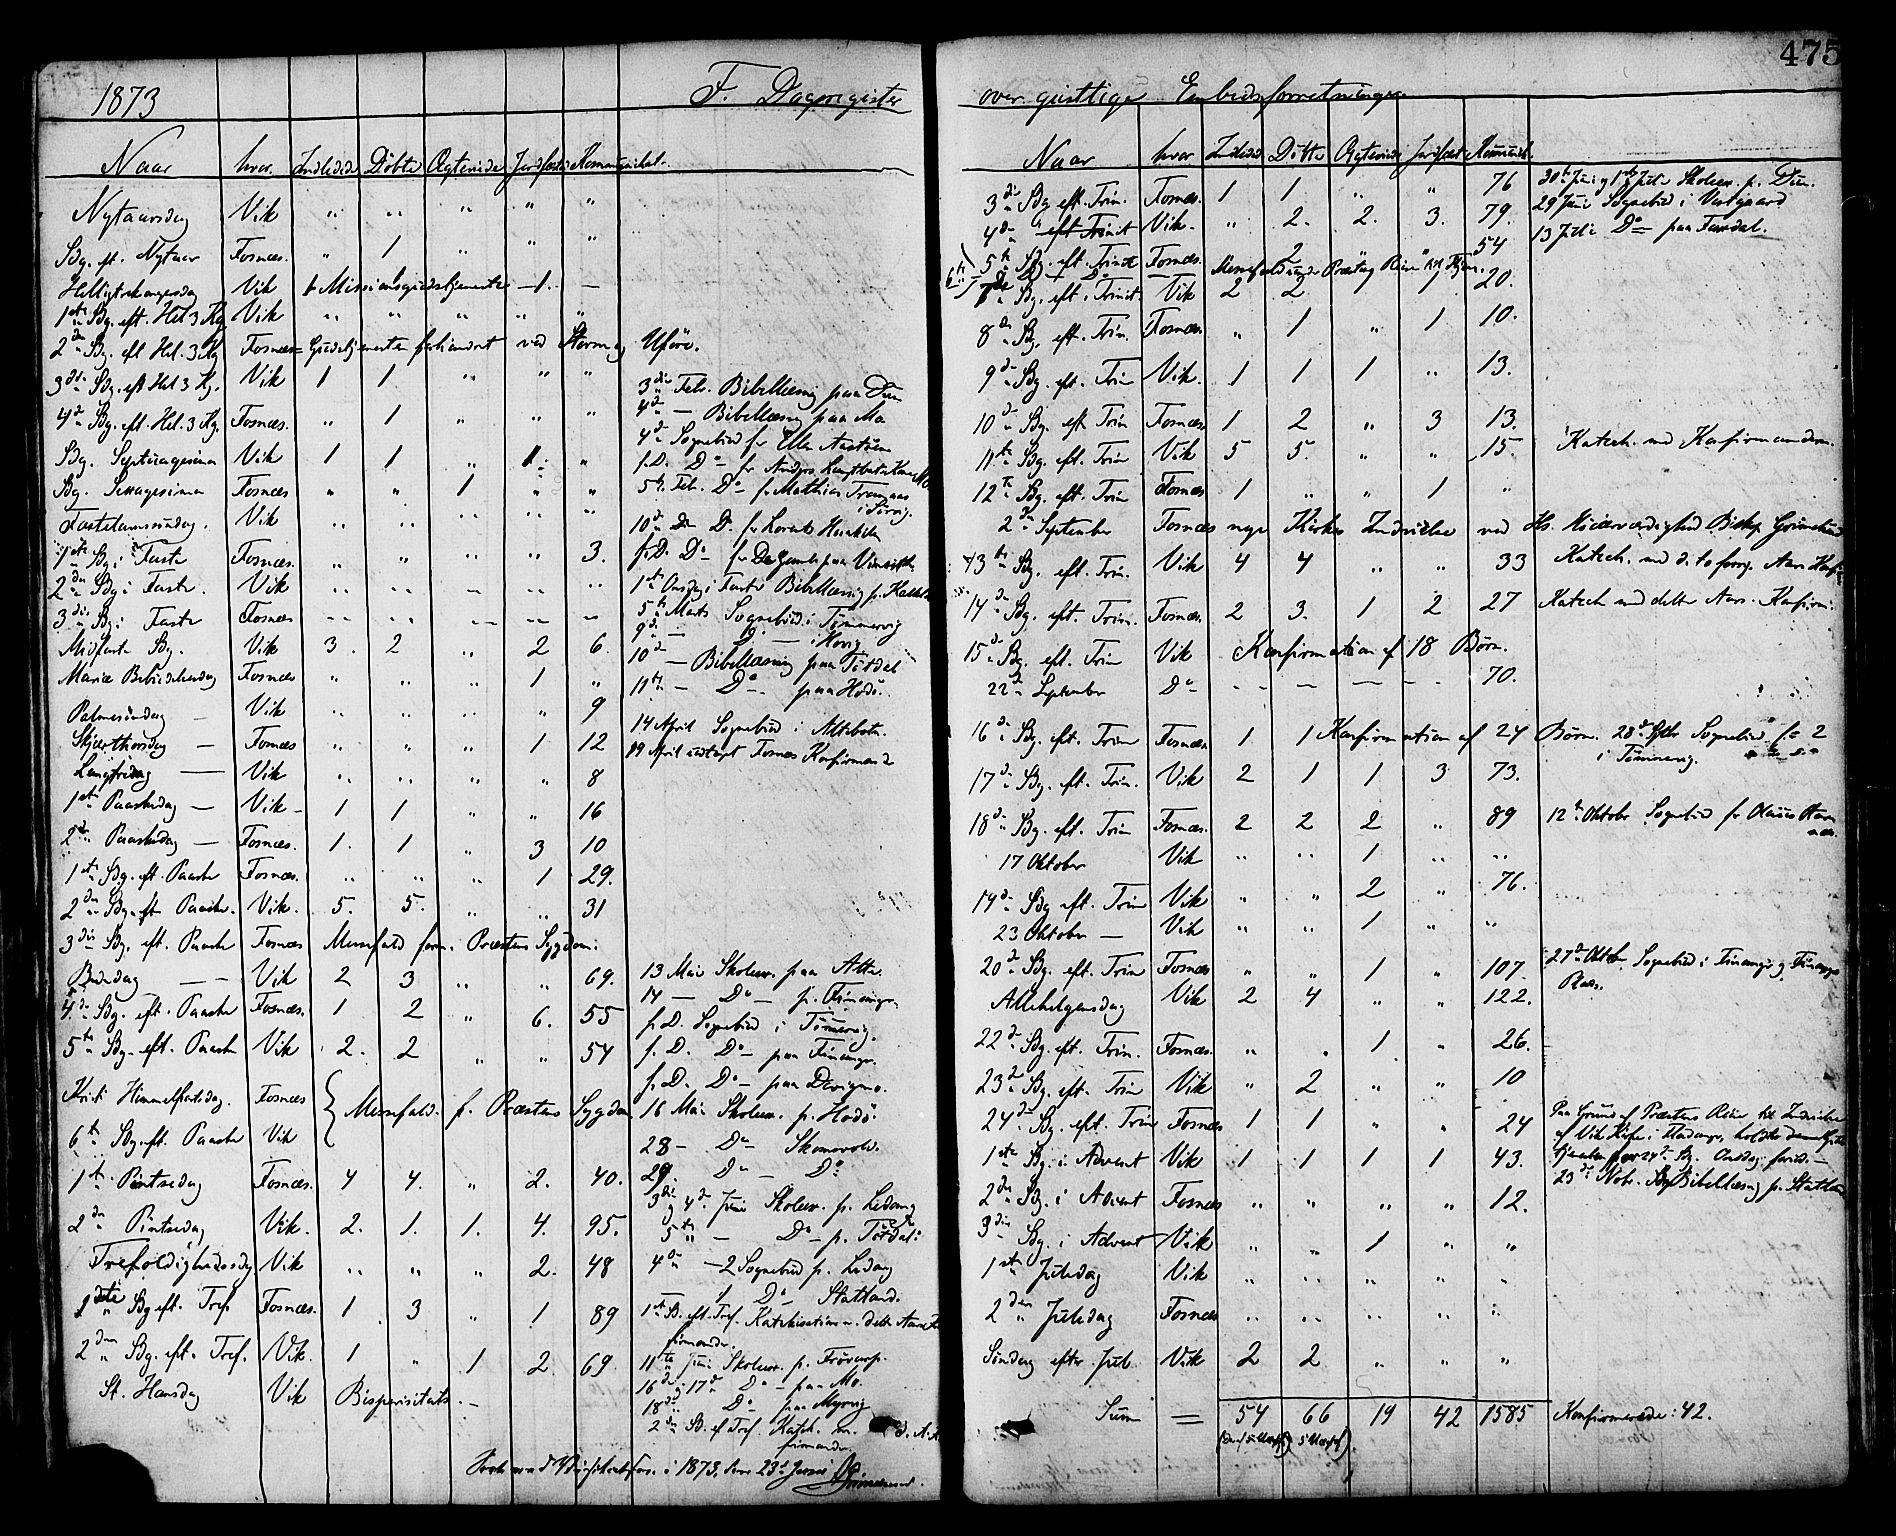 SAT, Ministerialprotokoller, klokkerbøker og fødselsregistre - Nord-Trøndelag, 773/L0616: Ministerialbok nr. 773A07, 1870-1887, s. 475